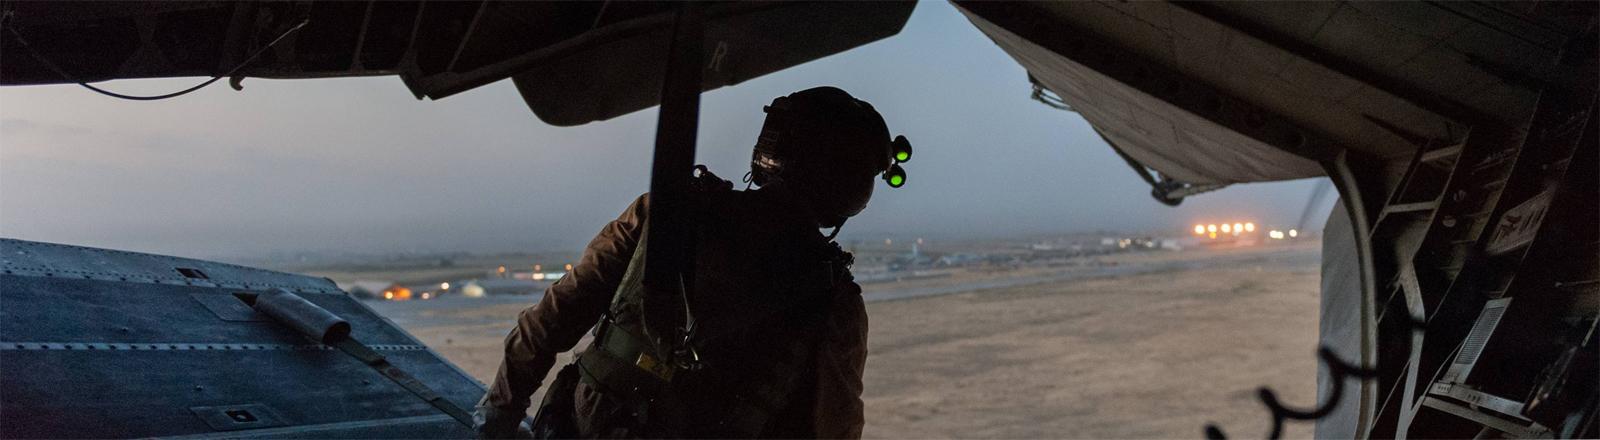 In Afghanistan: Bundeswehrsoldat sitzt am im Juli 2017 auf dem Flug von Camp Marmal der Bundeswehr bei Mazar-e Sharif in Afghanistan nach Camp Shaheen auf der Ladefläche eines Helikopters.